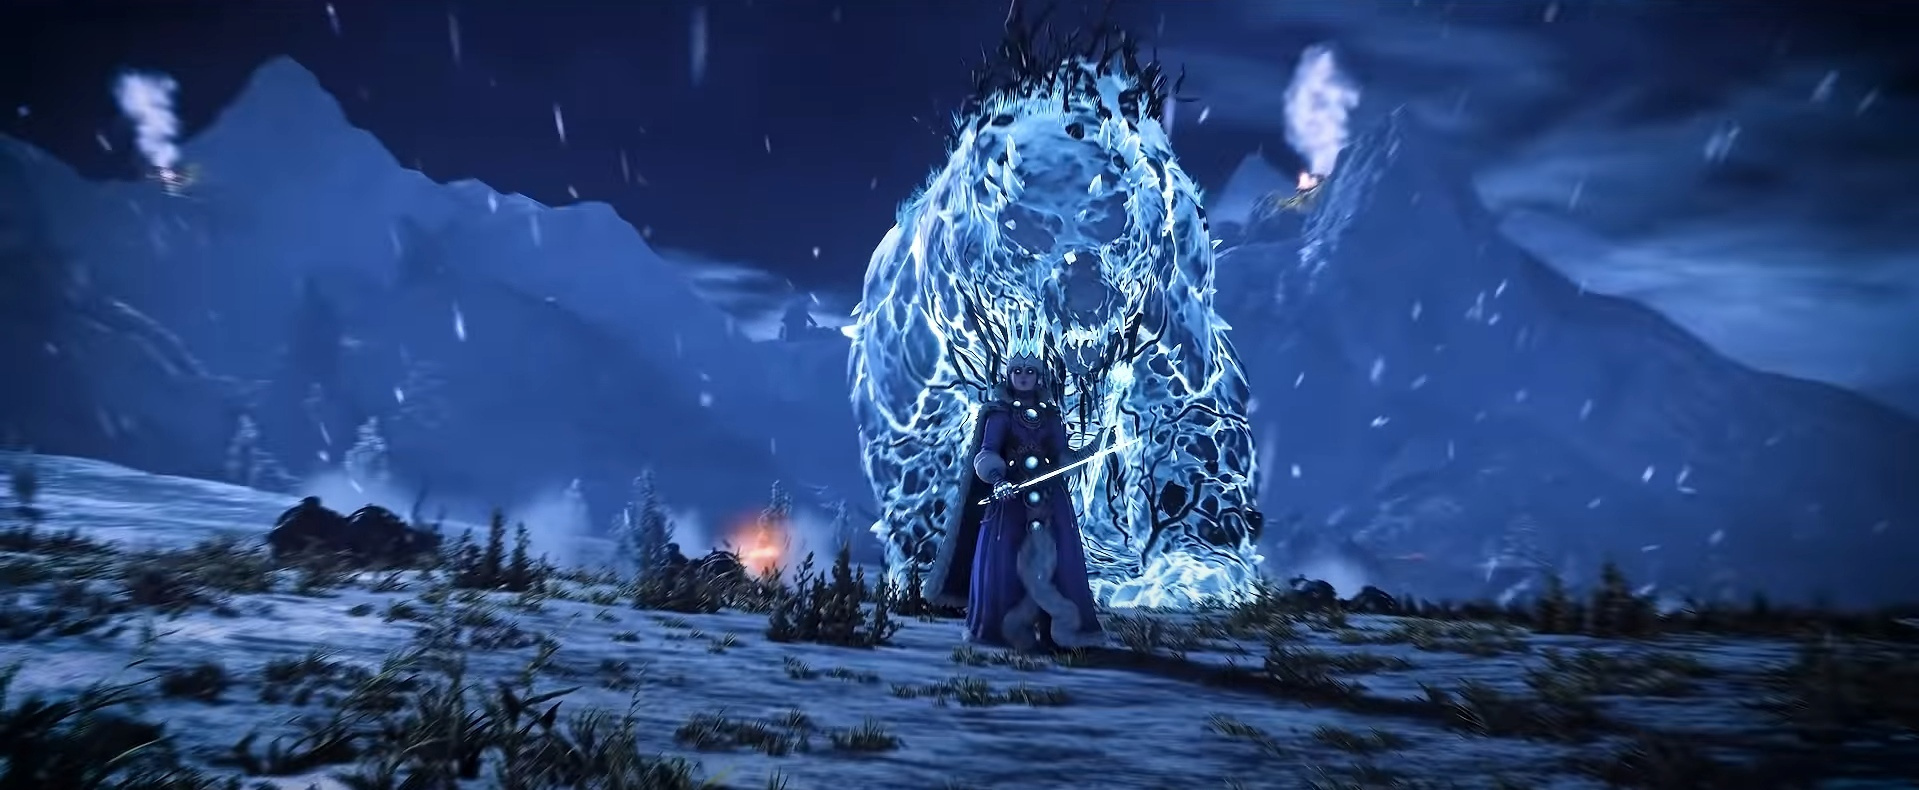 Зима, медведи и Королева льда в новом ролике Total War: Warhammer III